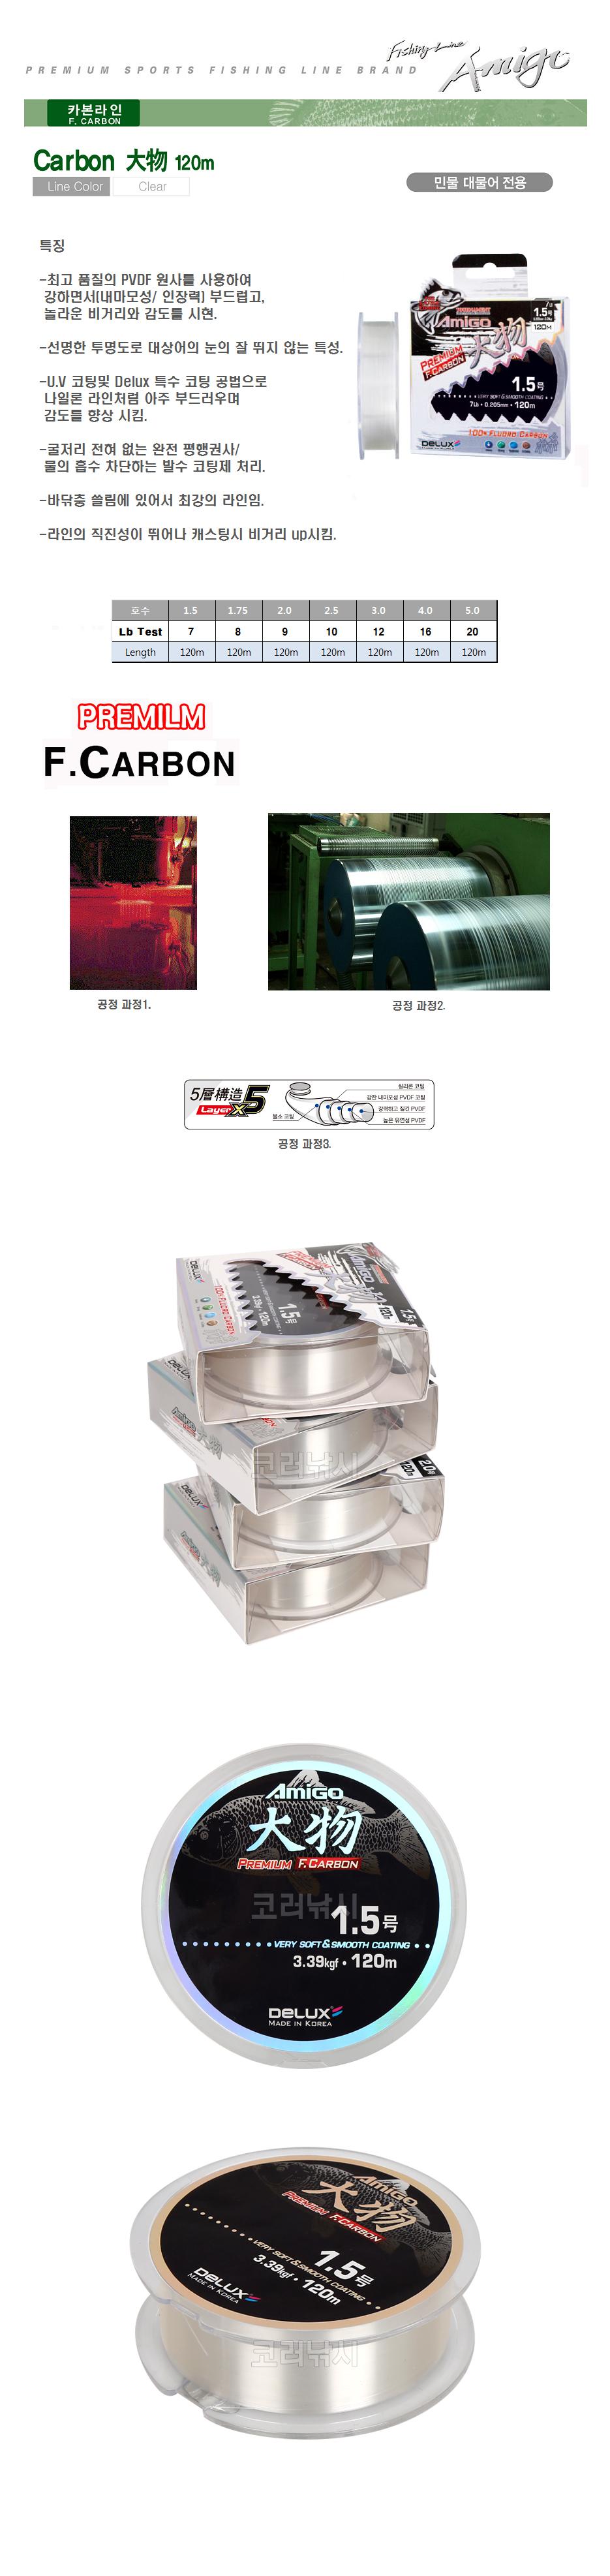 아미고 카본 대물 - 120m [민물대물원줄] 카본원줄 민물대물원줄 민물원줄 민물붕어원줄 카본사 카본줄